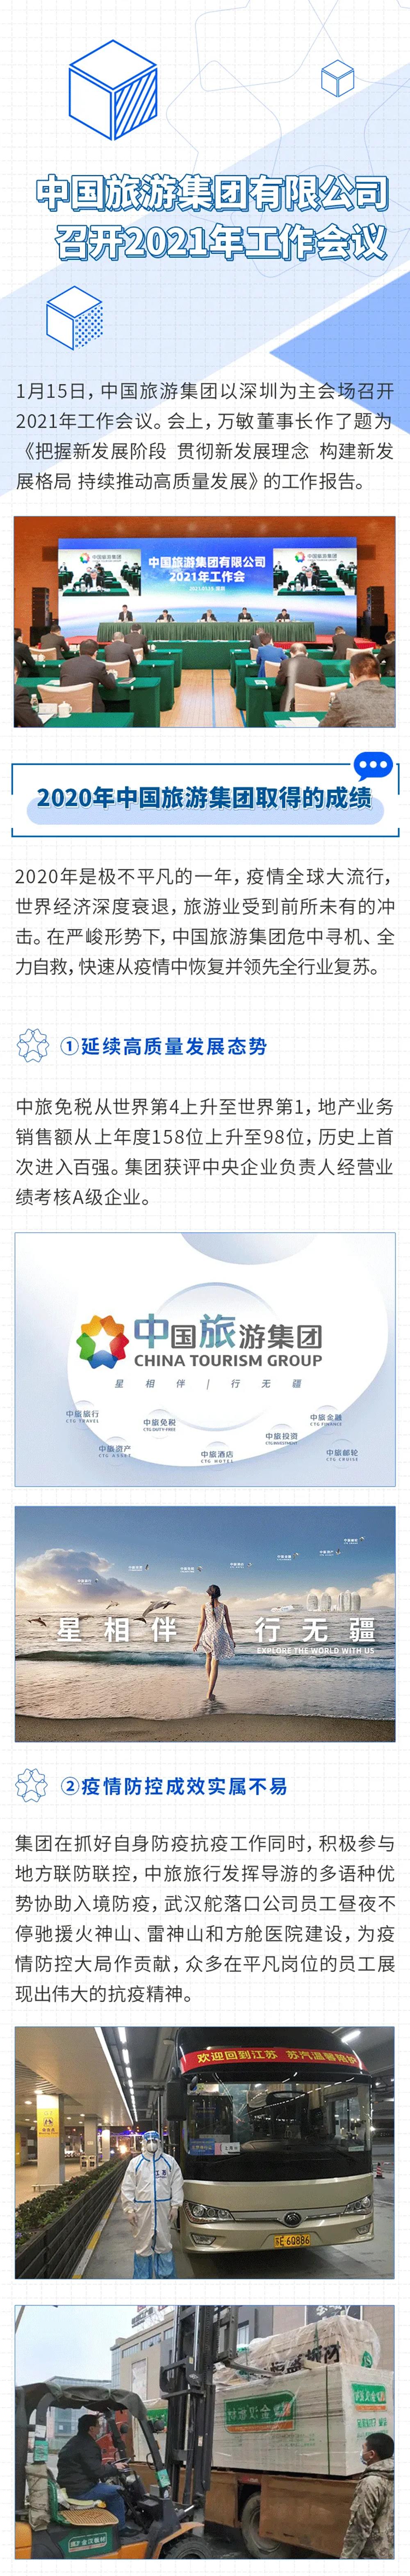 中国旅游集团召开2021年工作会议